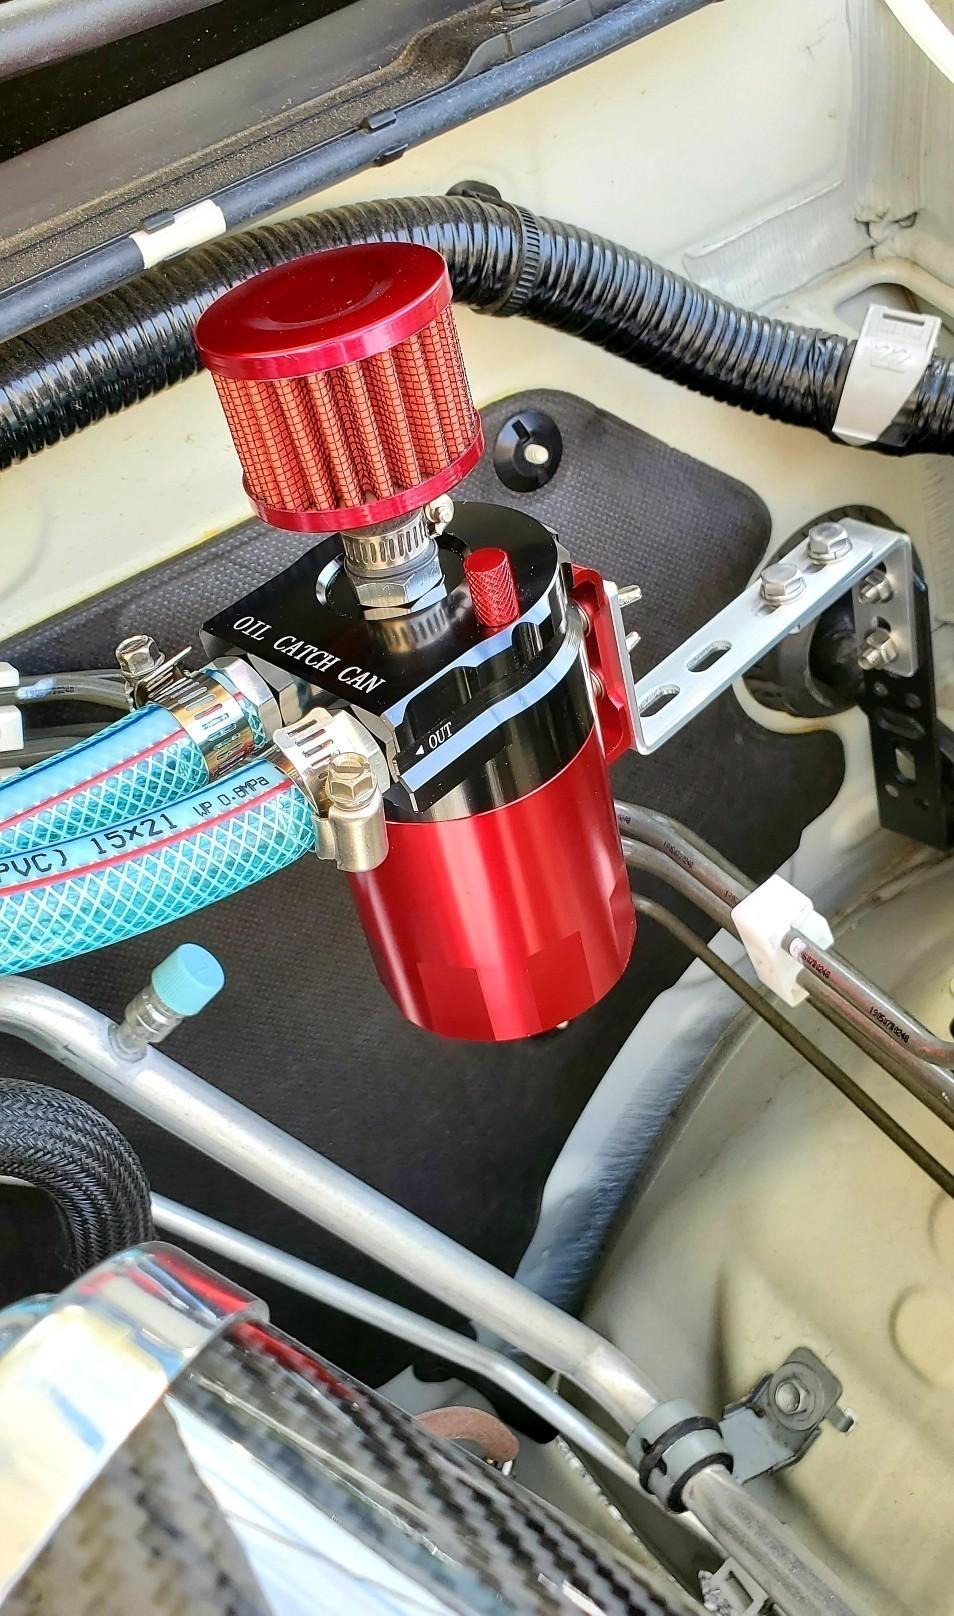 キャッチ タンク 効果 オイル 直噴エンジンのカーボン堆積問題対処編(オイルキャッチタンク)